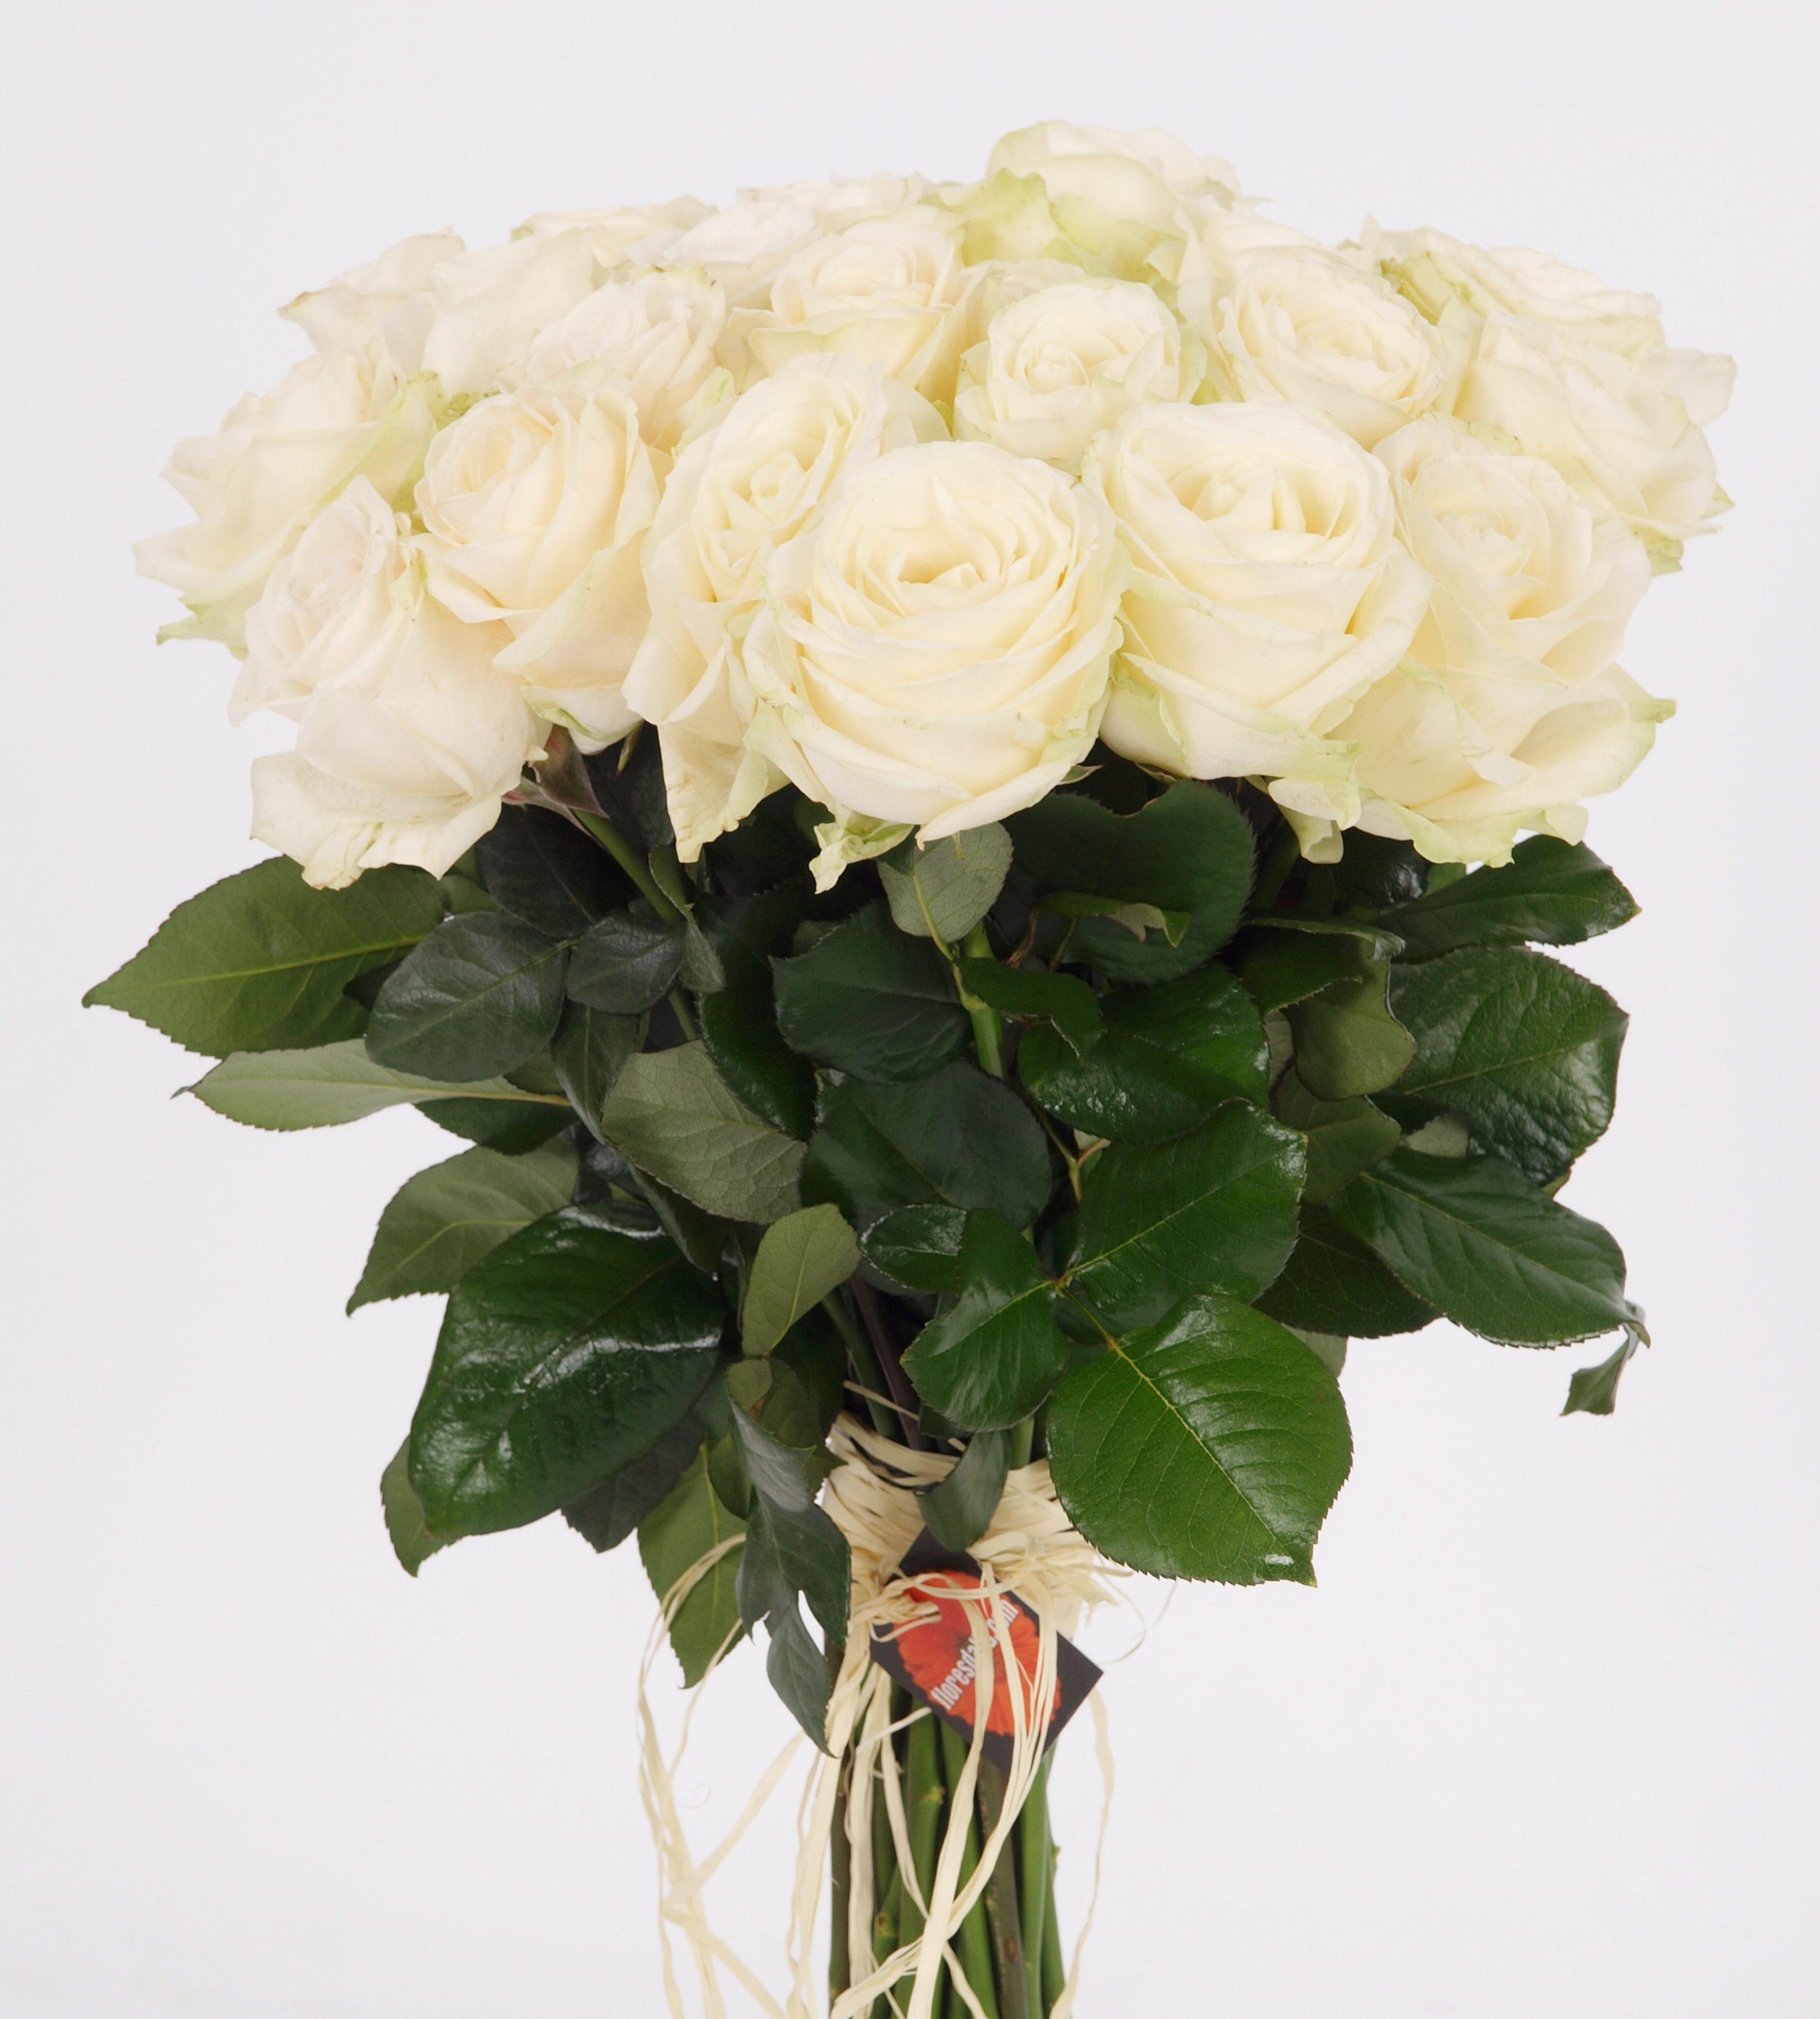 8650b87a4a7c2 24 Rosas Blancas tallo largo ramo de rosas naturales de tallo largo